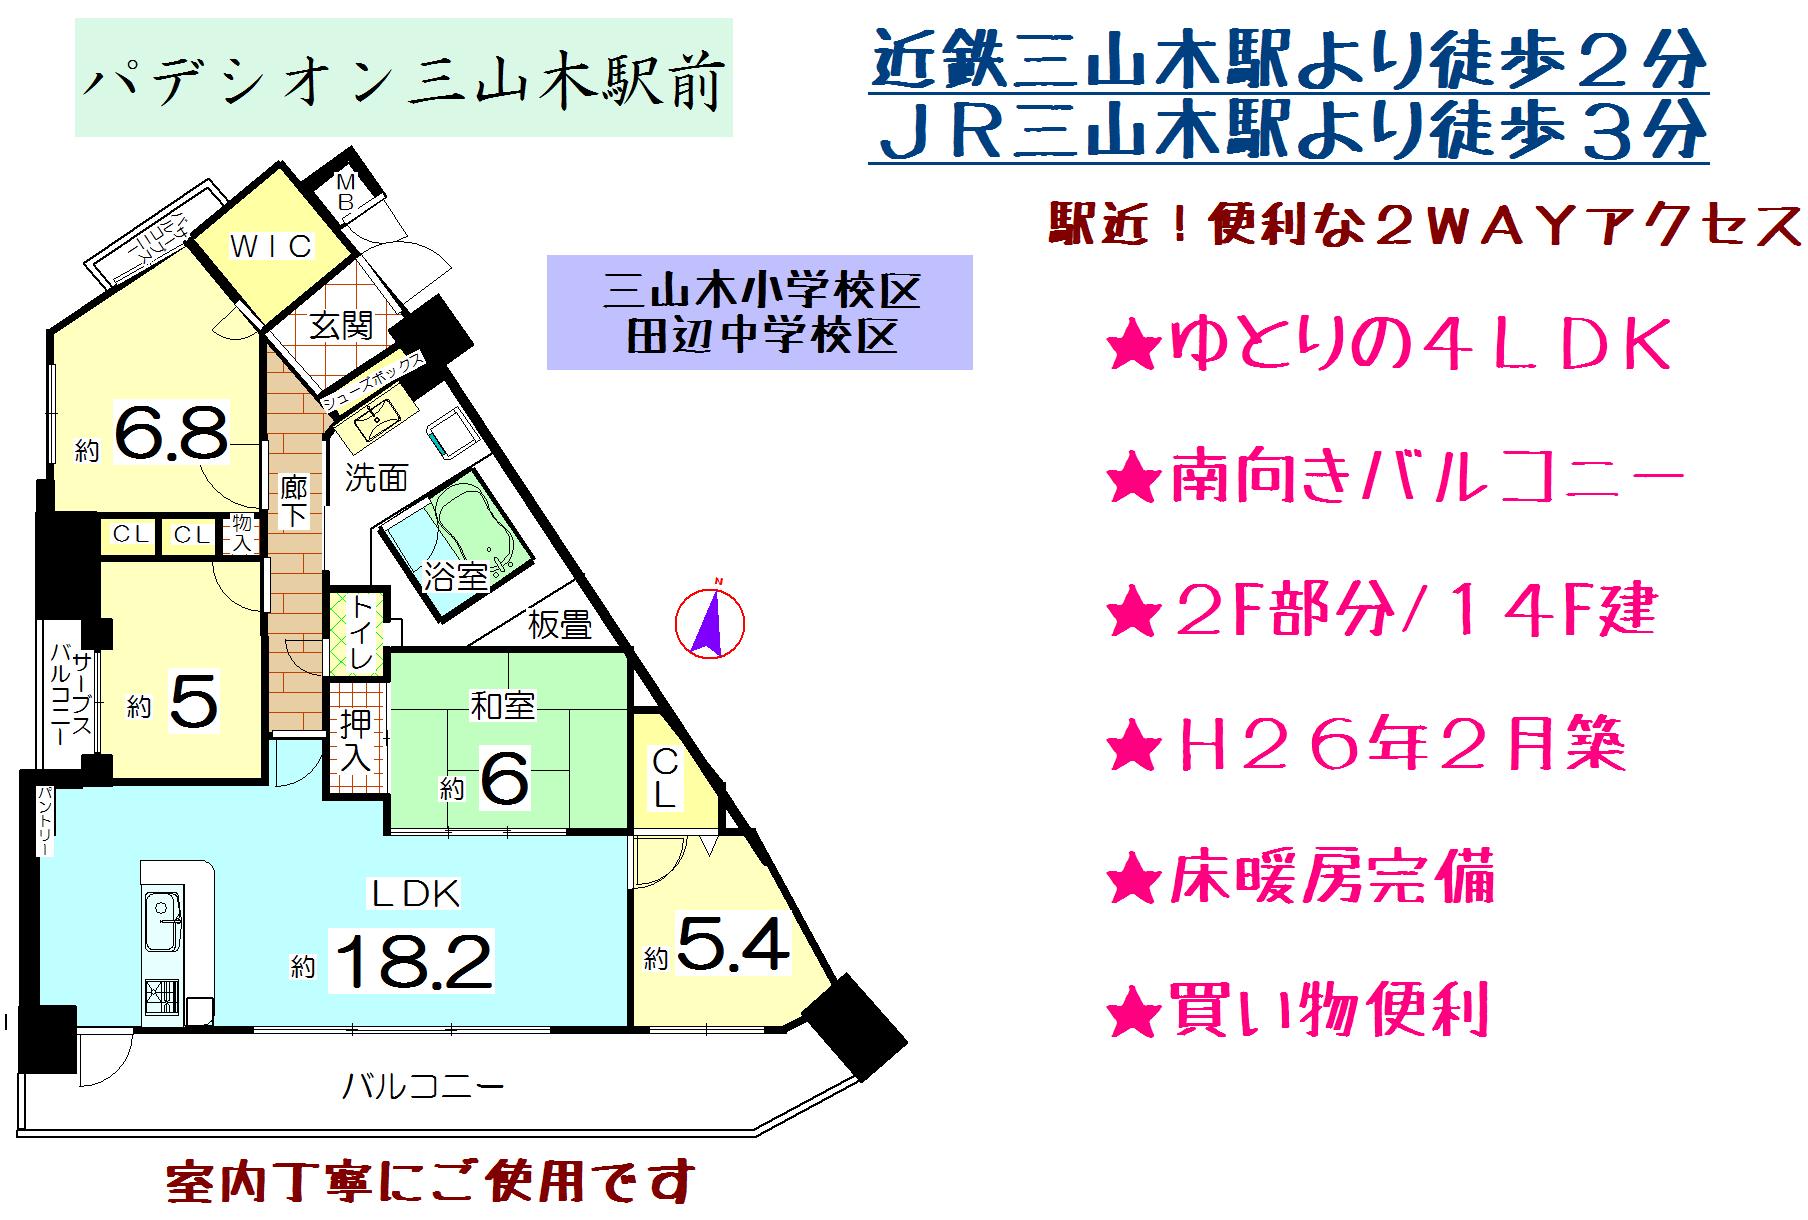 パデシオン三山木駅前 ザ・グランドレジデンス